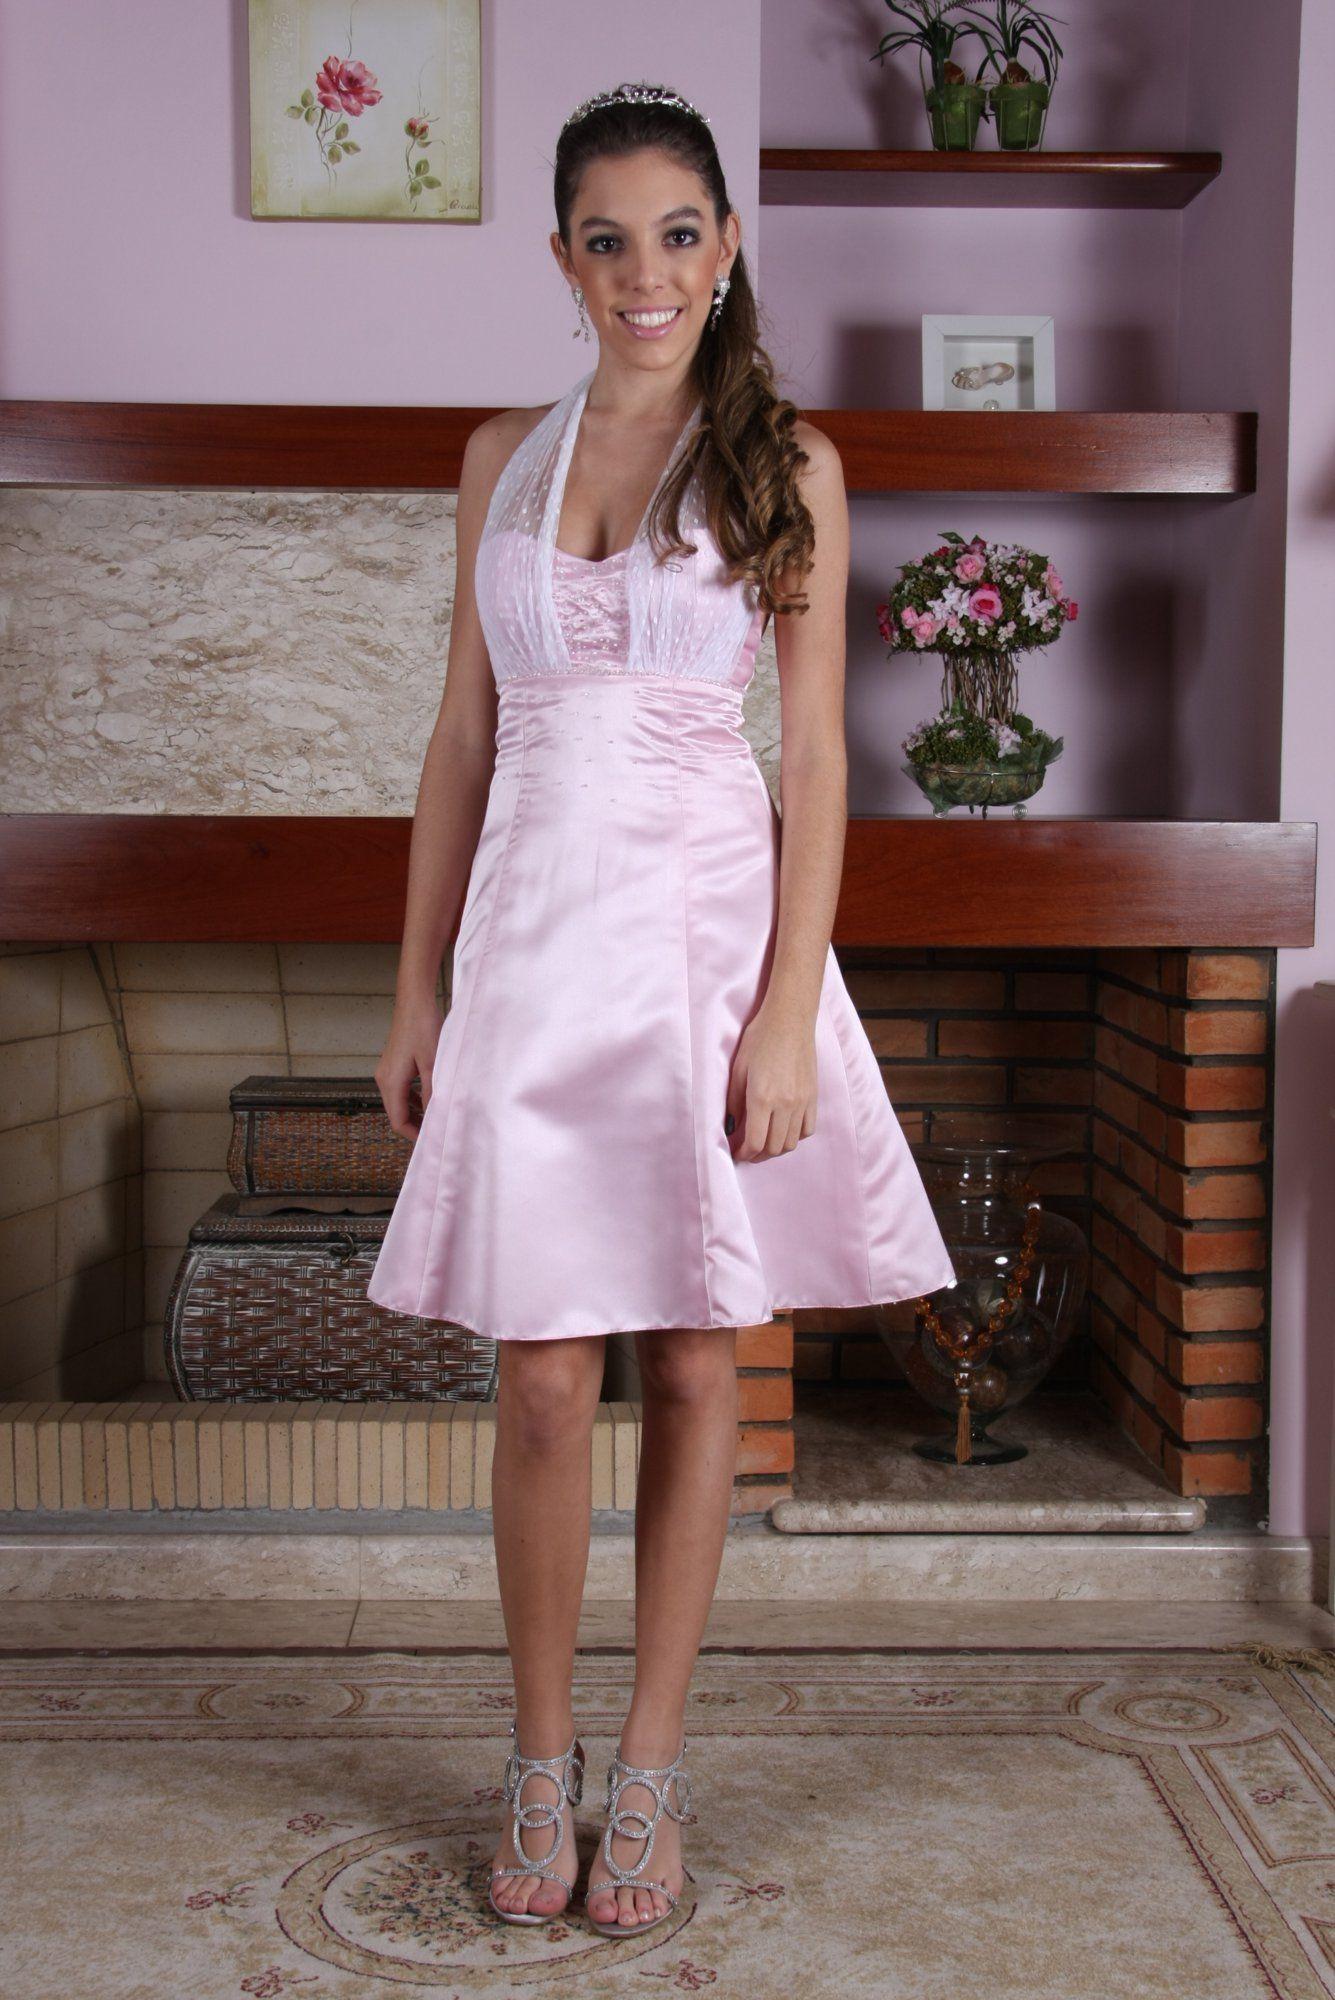 Vestido de Debutante Rosa - 20 - Hipnose Alta Costura e Spa para Noivas e Noivos - Campinas - SP Vestido de Debutante, Vestido de Debutante Rosa, Hipnose Alta Costura